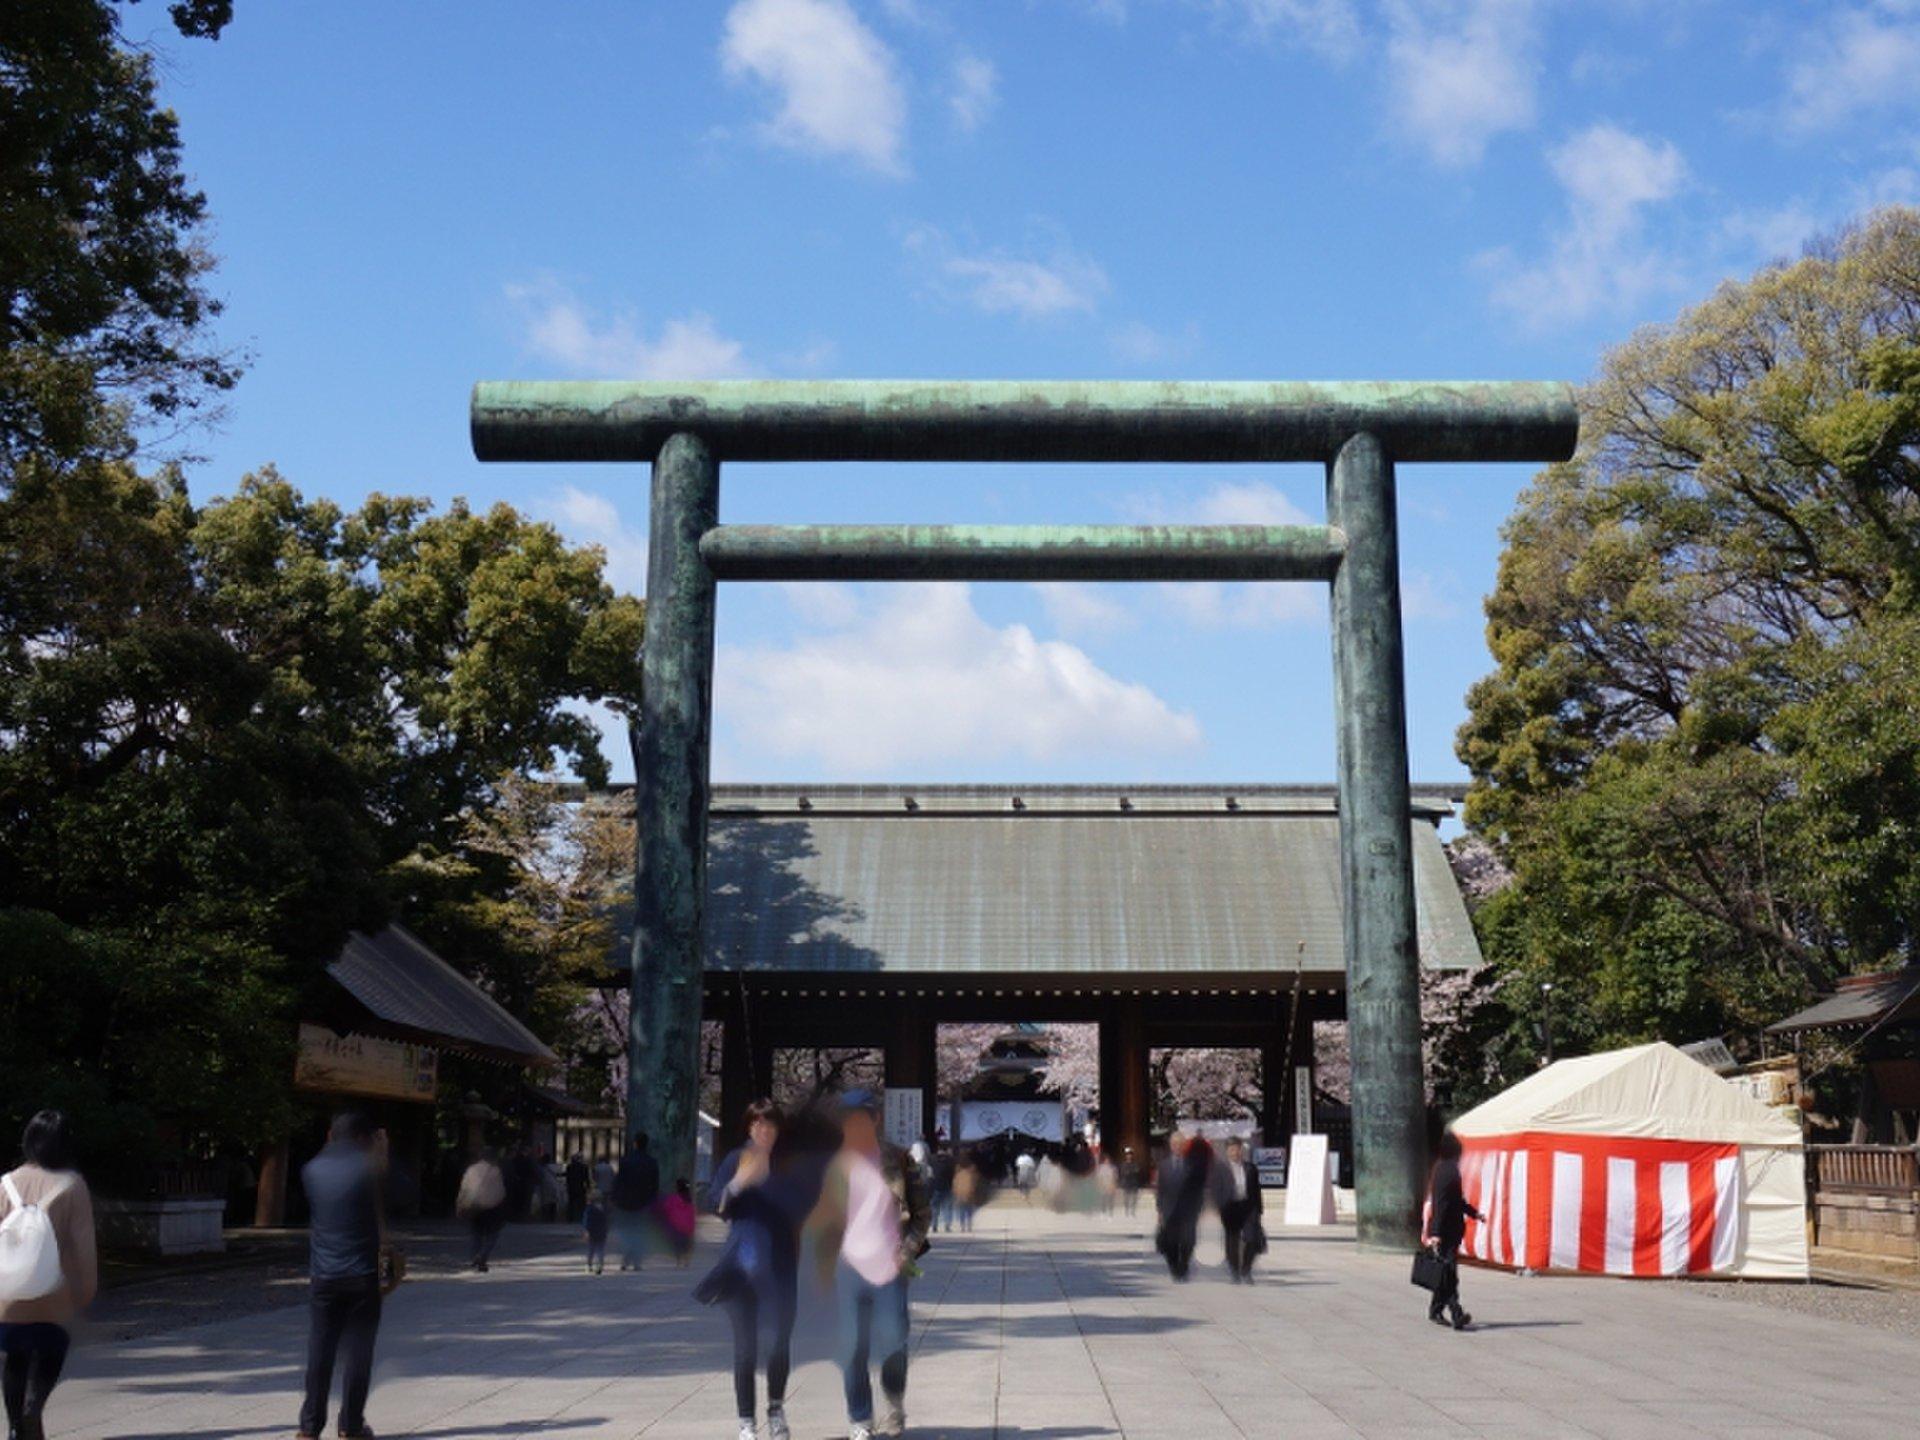 【保存版】東京桜の名所・靖国神社&千鳥ヶ淵緑道オススメお散歩プラン